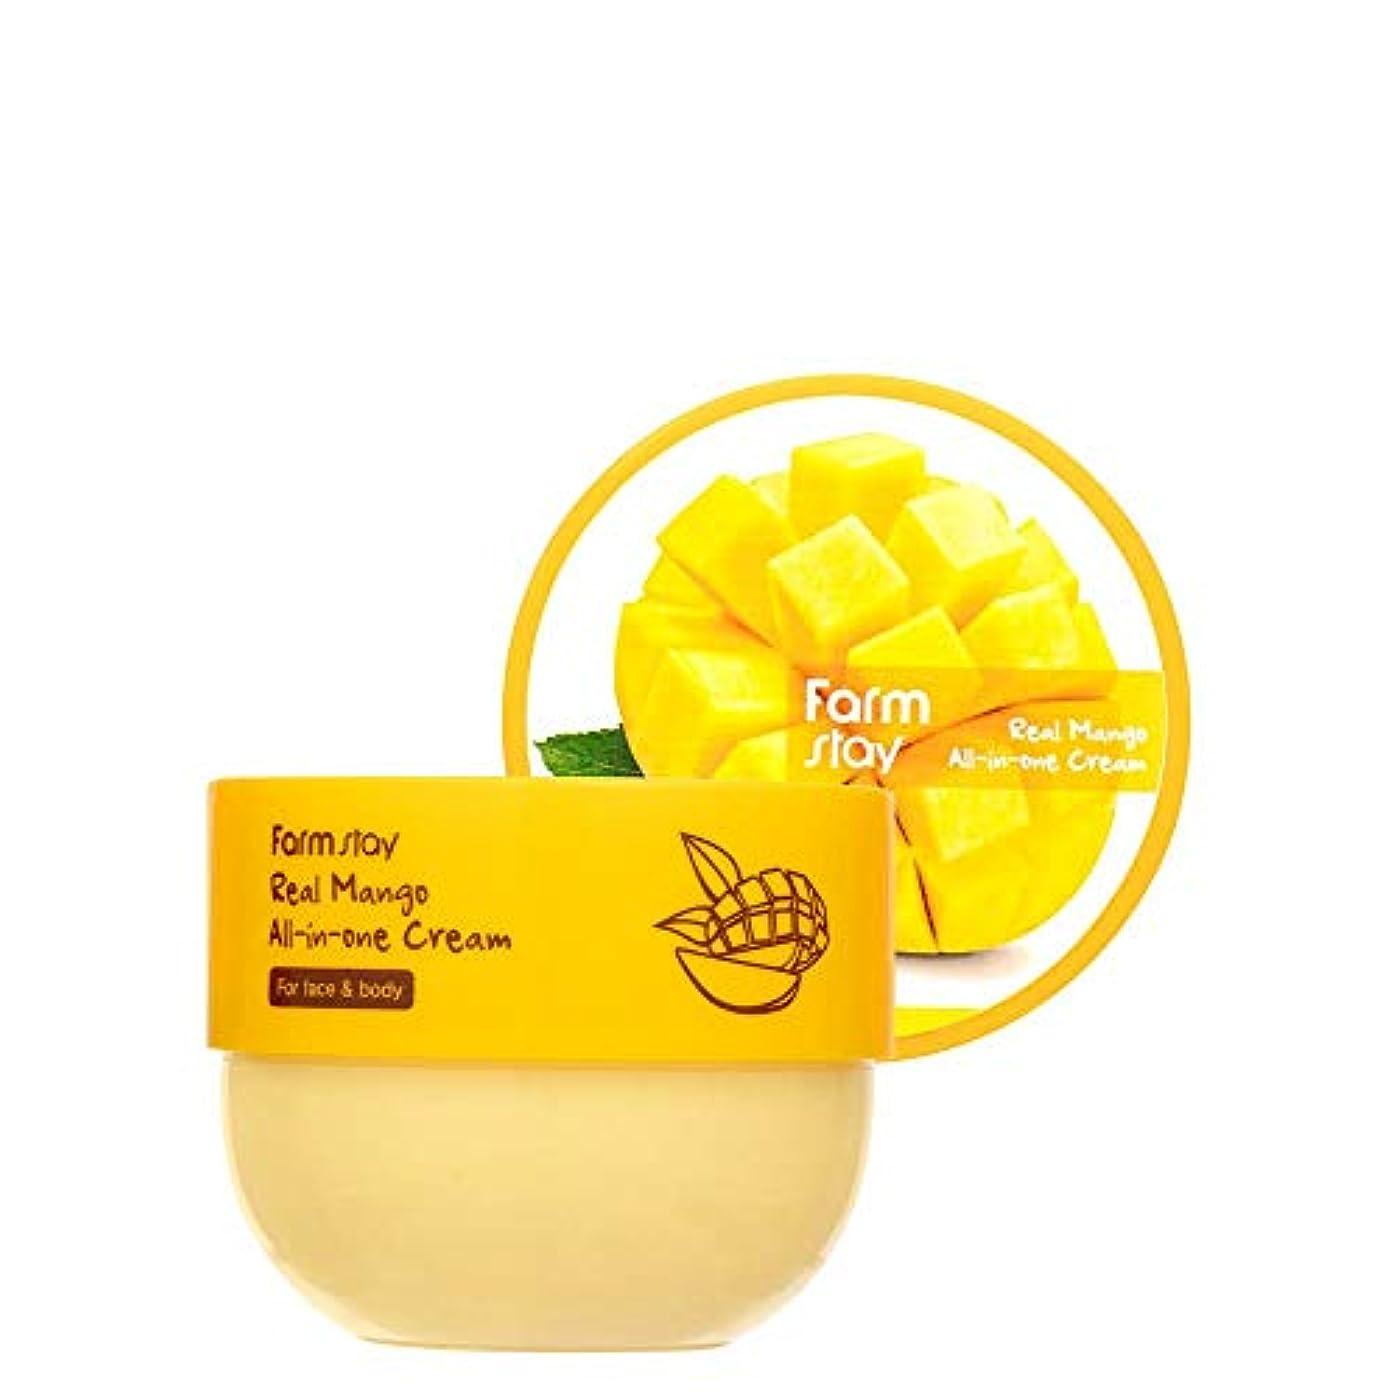 リゾート冒険王朝ファームステイ[Farm Stay] リアルマンゴーオールインワンクリーム 300ml / Real Mango All-in-One Cream